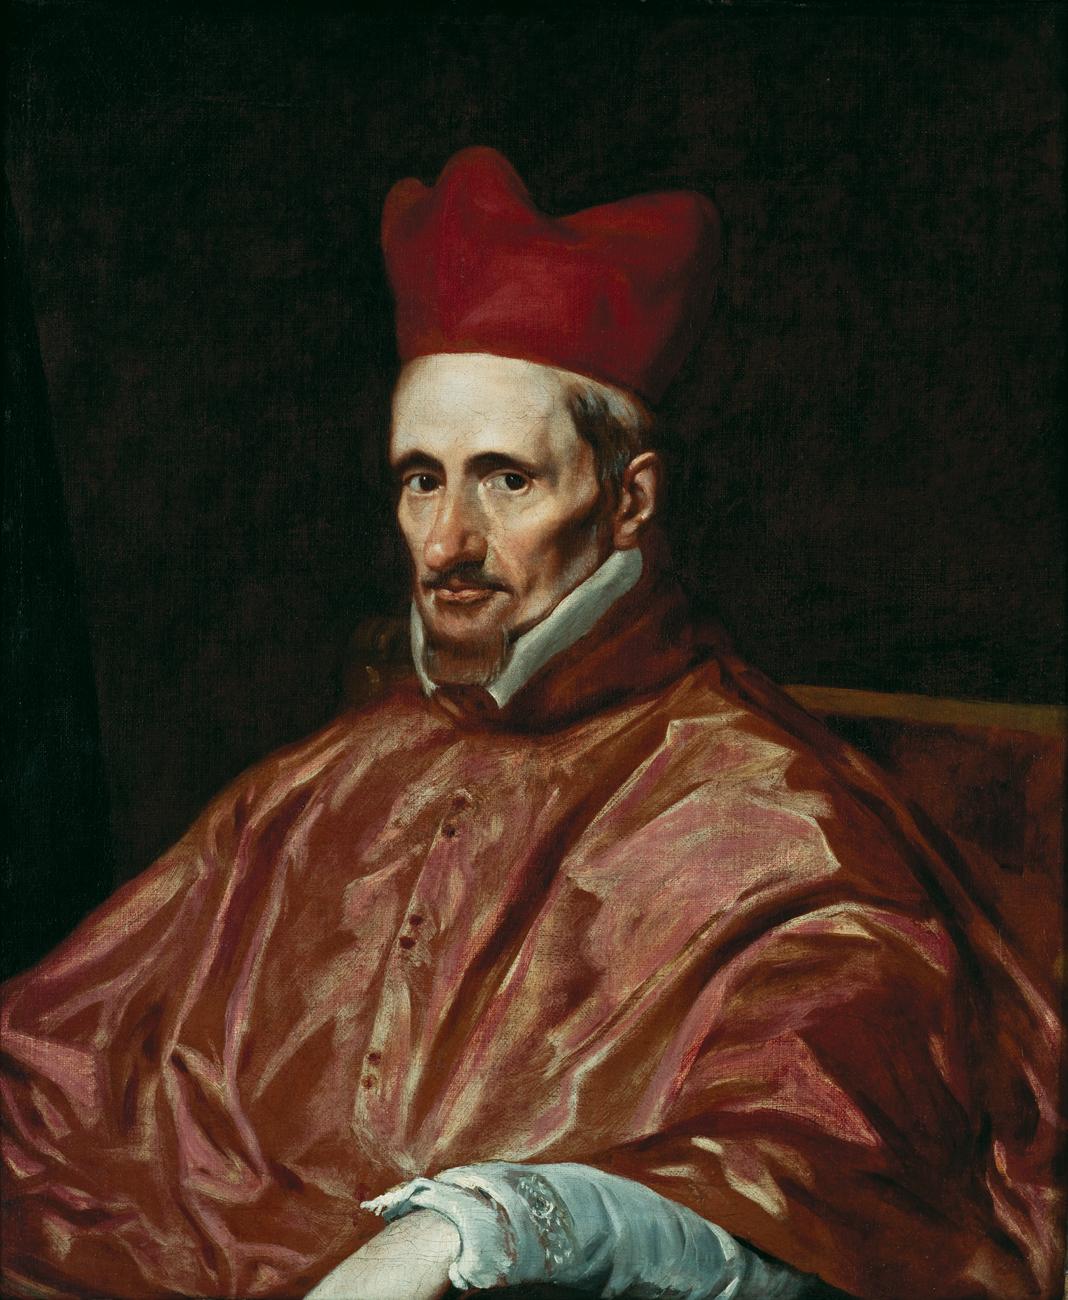 Gaspar_de_Borja_i_Velasco